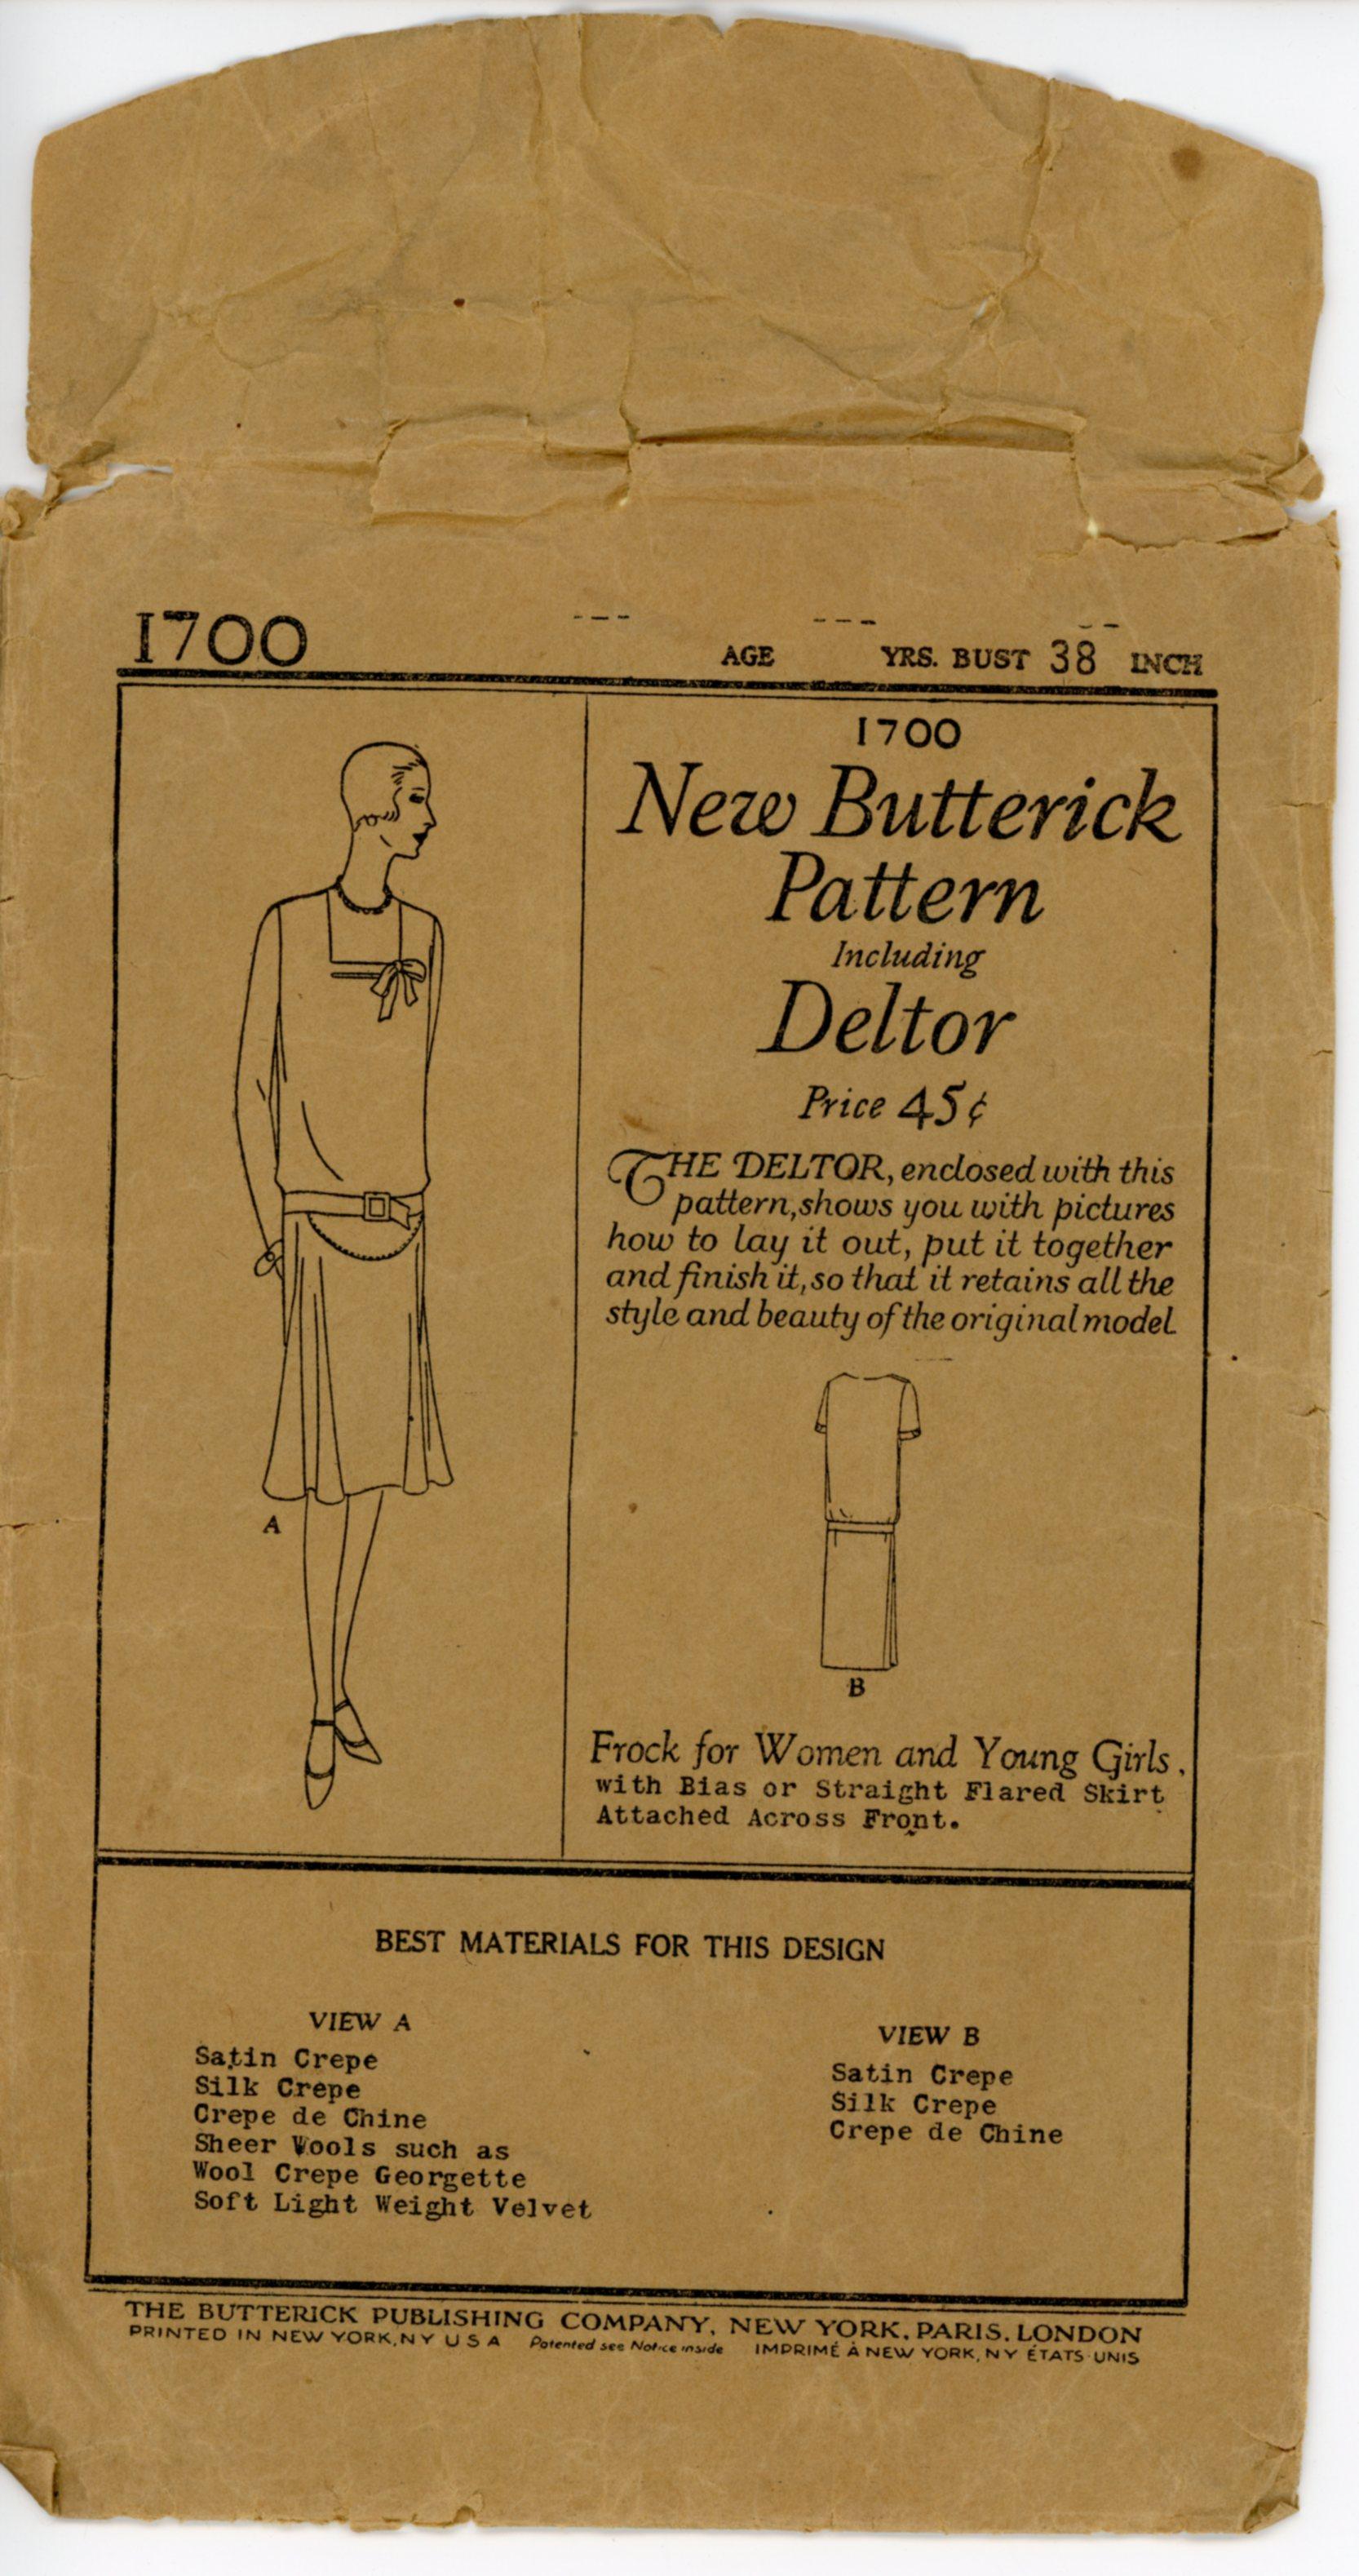 Butterick 1700